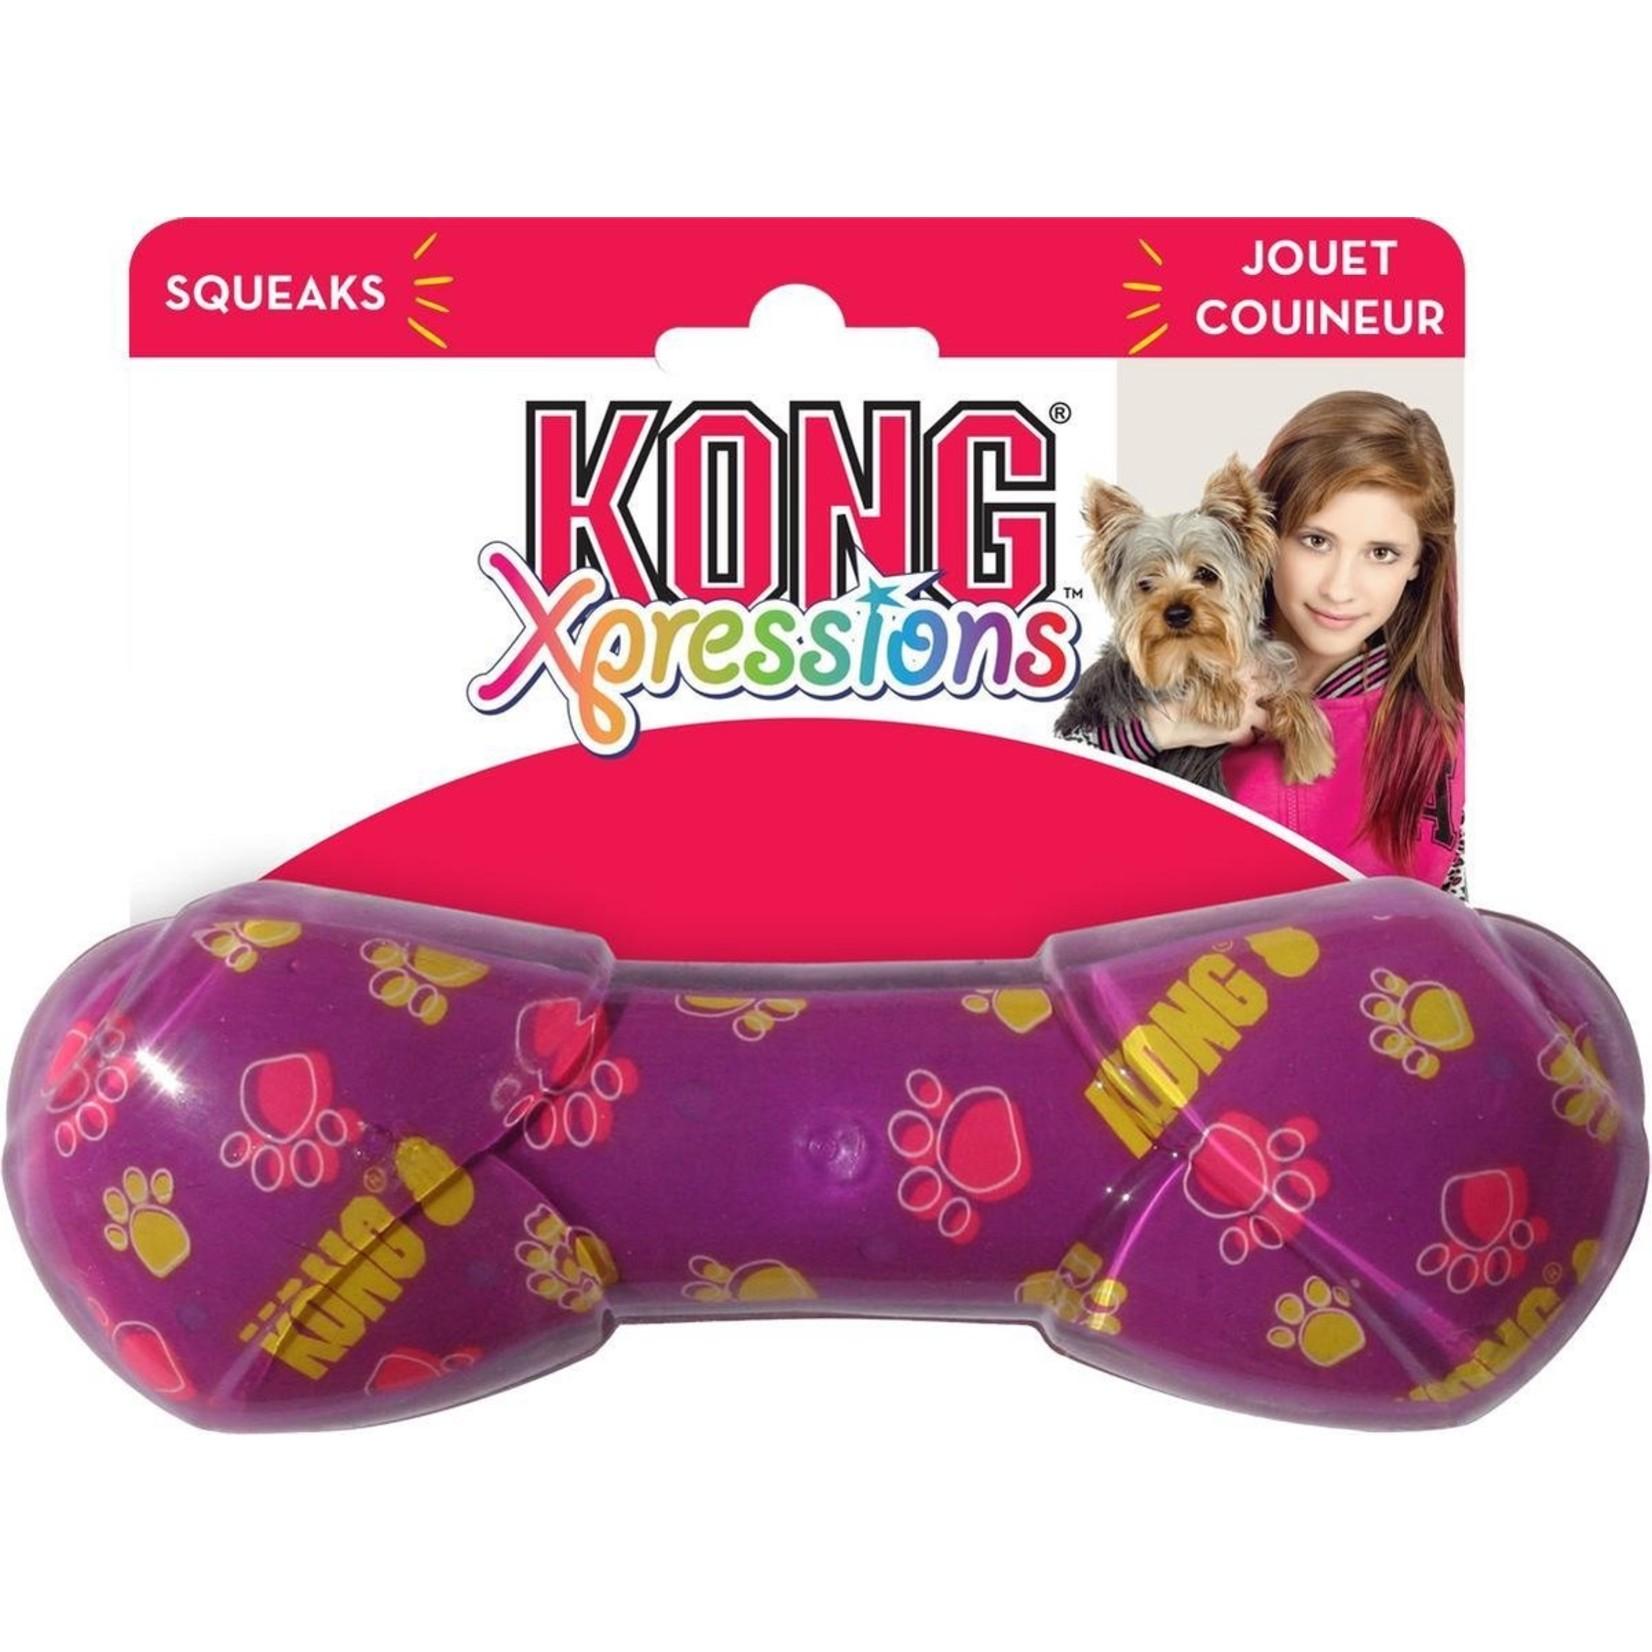 Kong Kong Xpressions Rawhide large